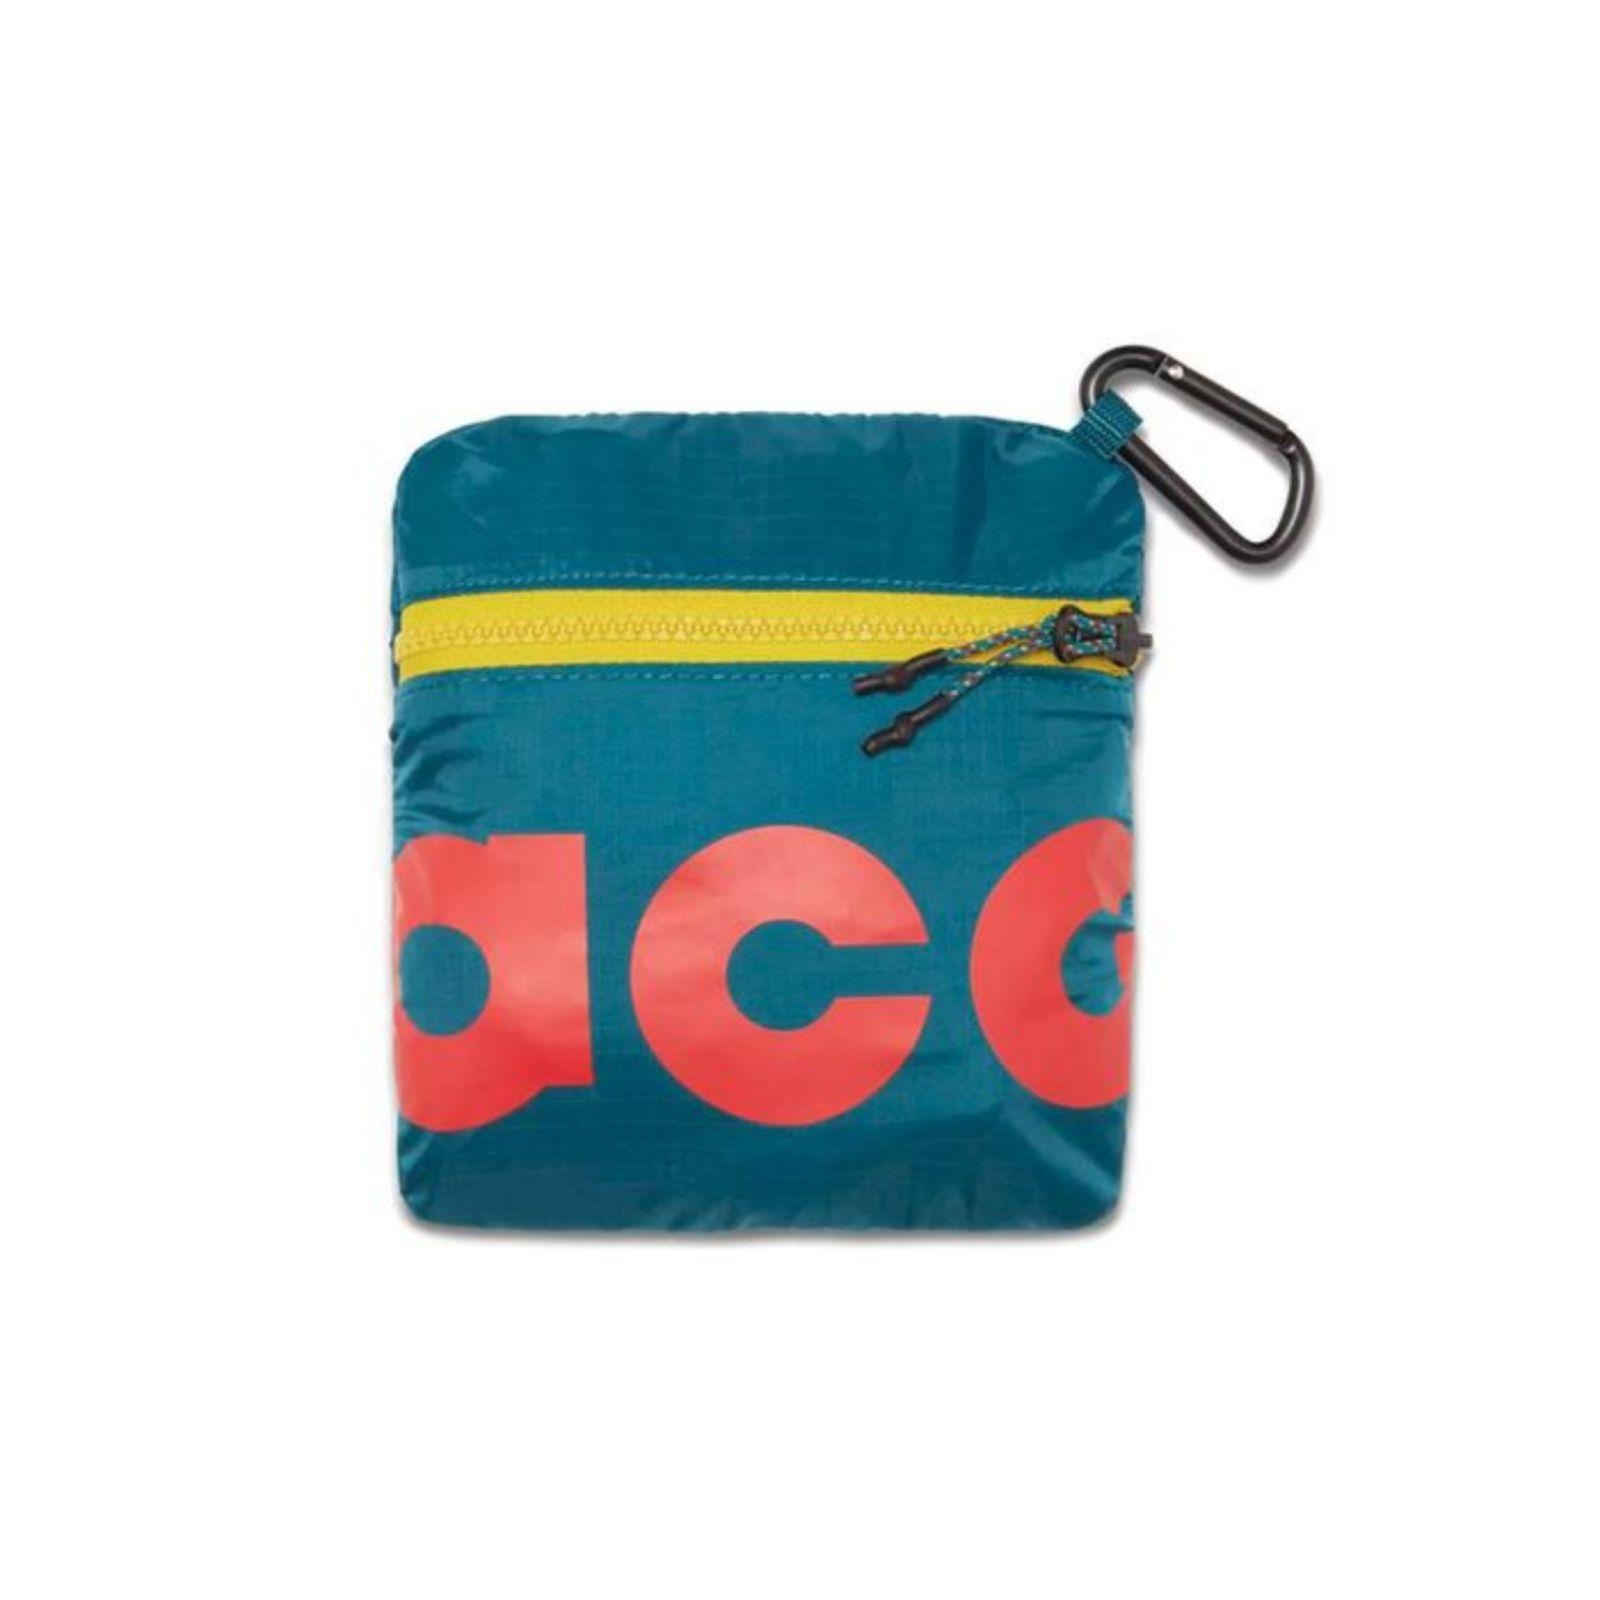 کیف دستی نایکی مدل OCG PACKABLE DUFF -  - 4